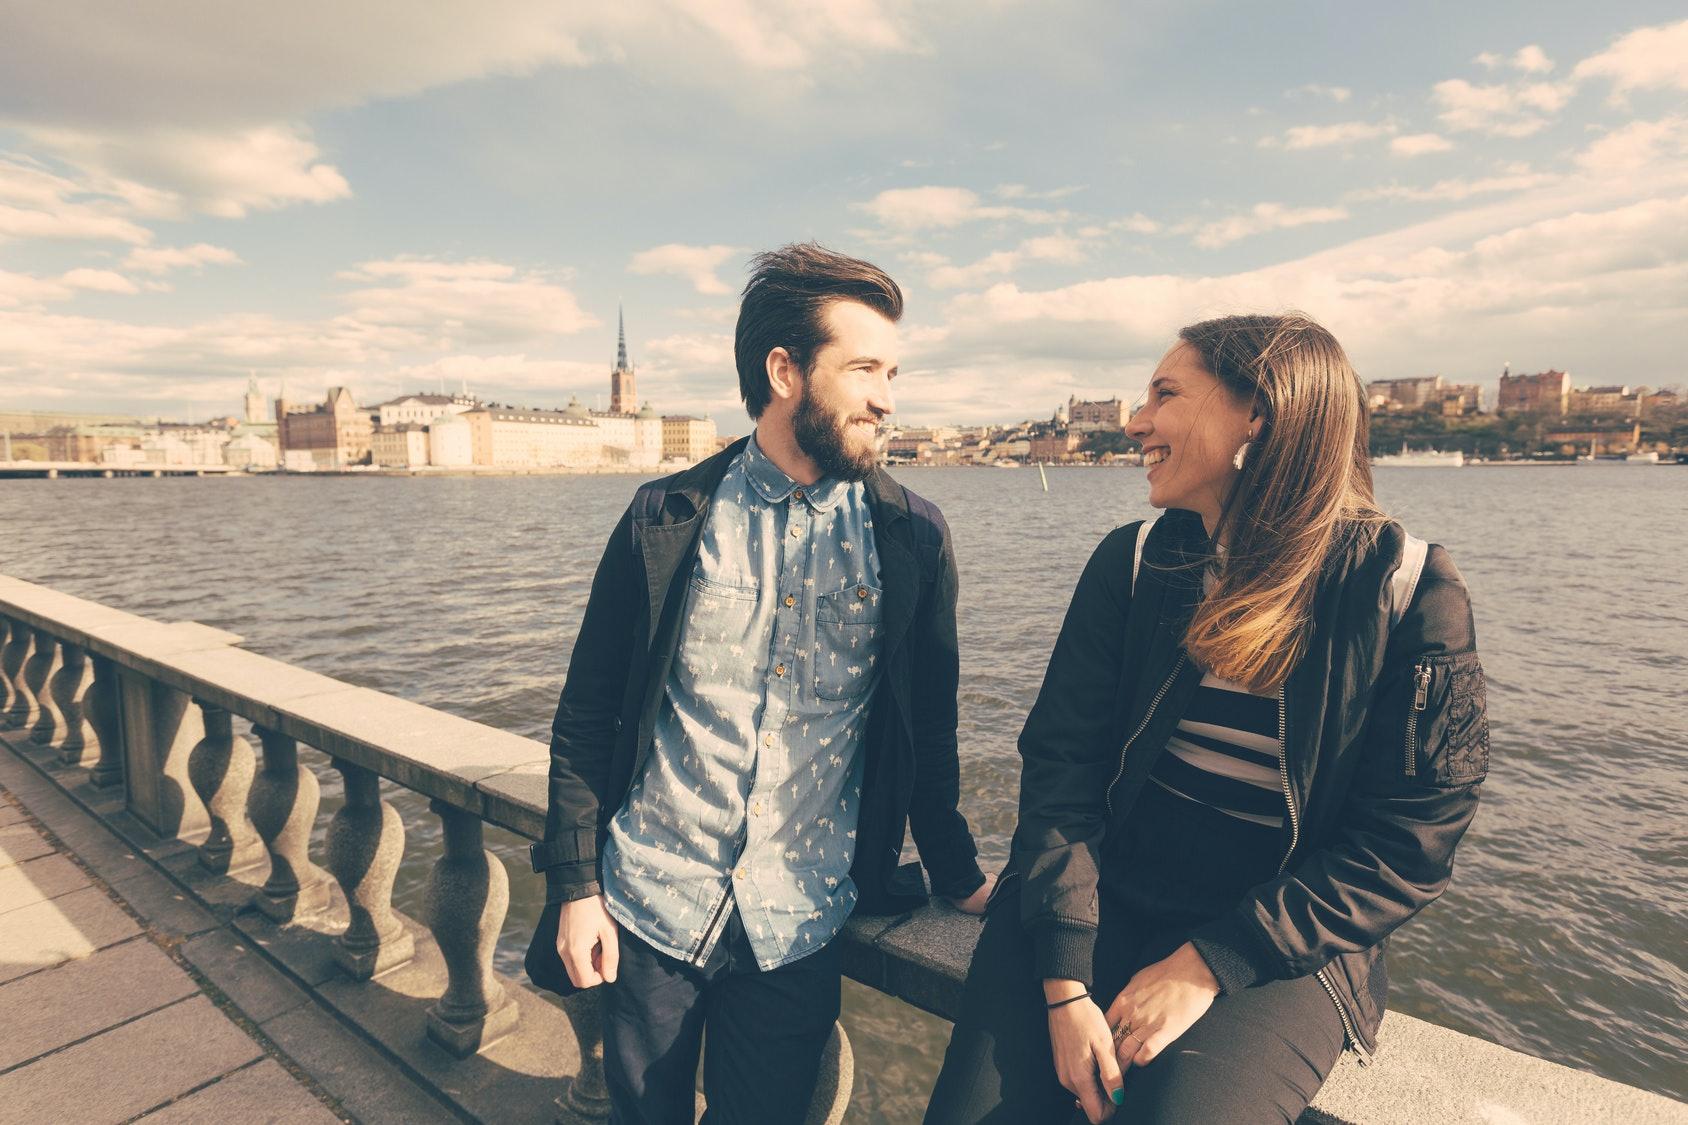 δωρεάν online ιστοσελίδες γνωριμιών στο Σαν Αντόνιο